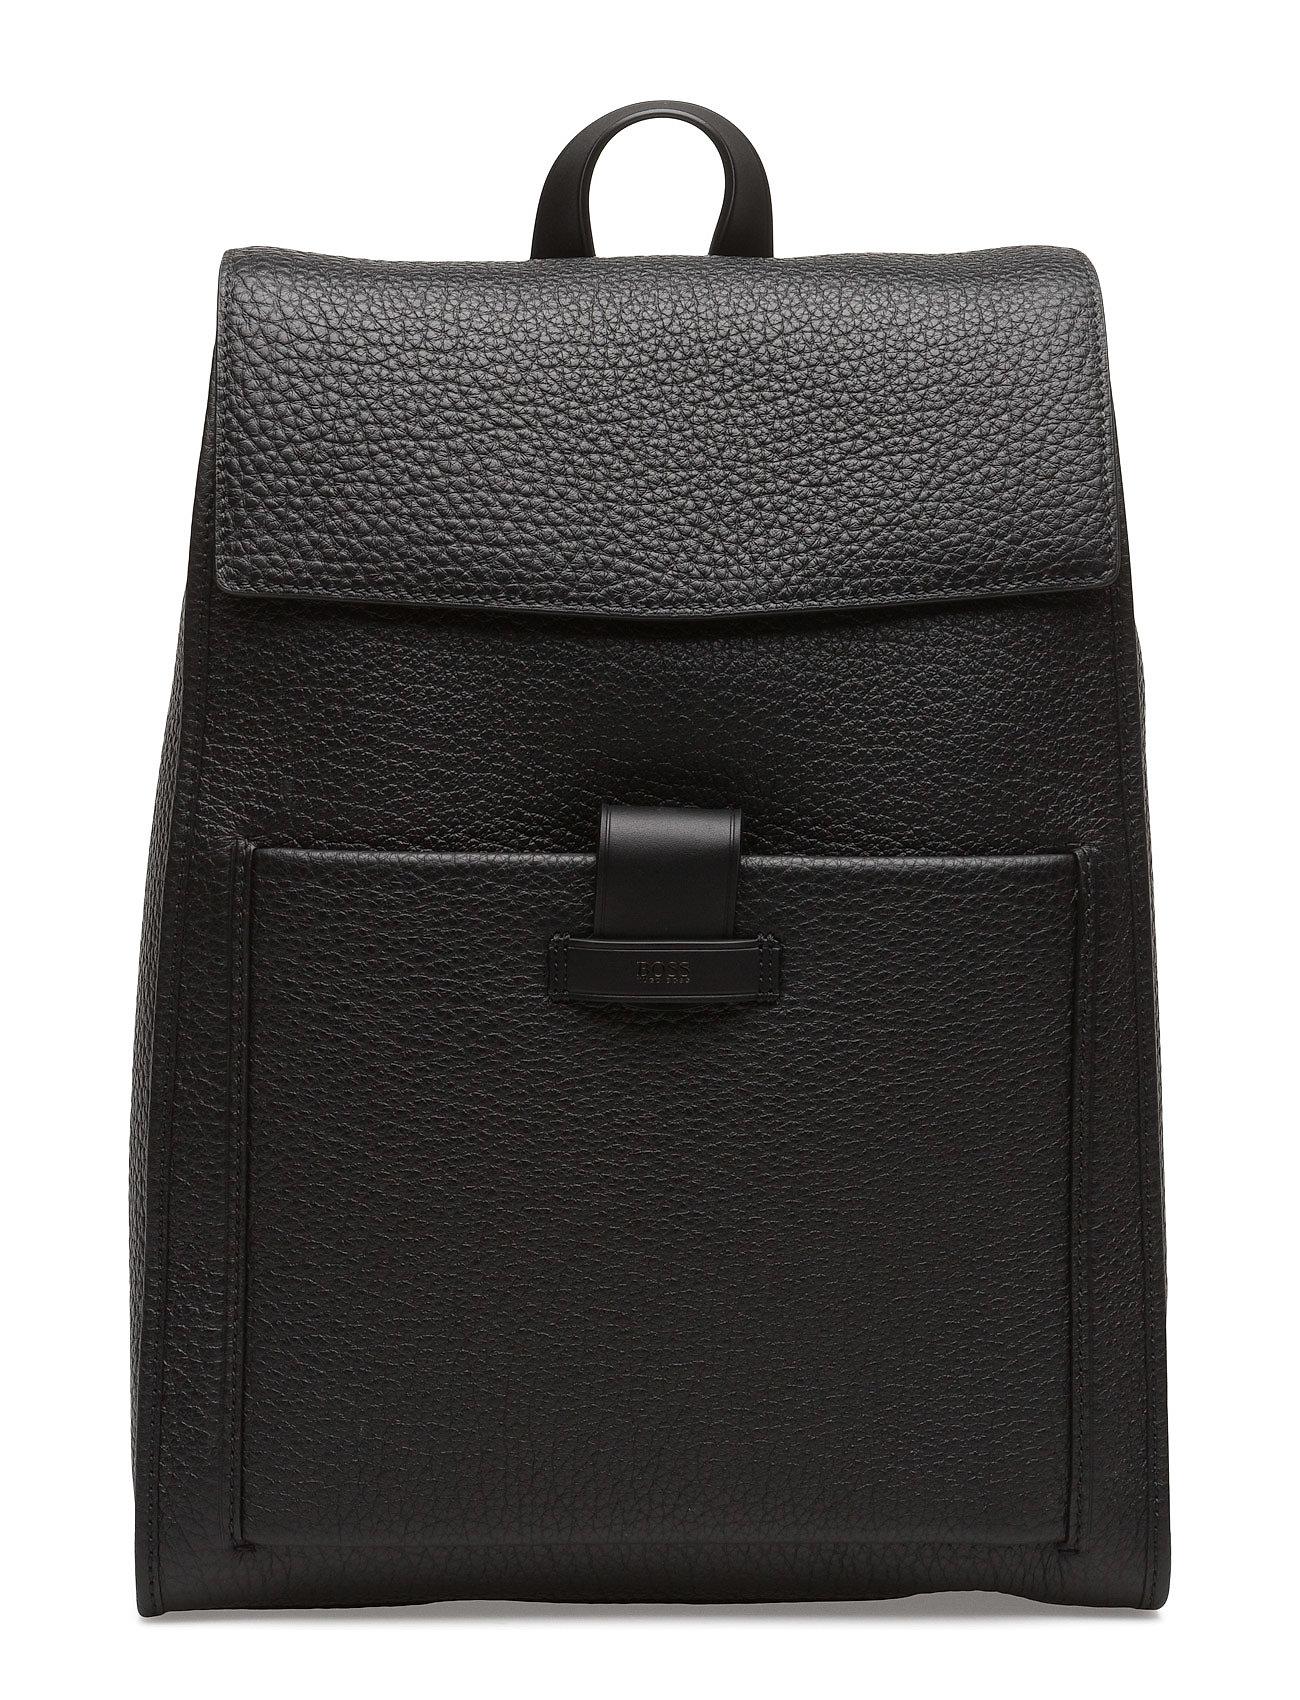 boss – Varenne_backpack på boozt.com dk